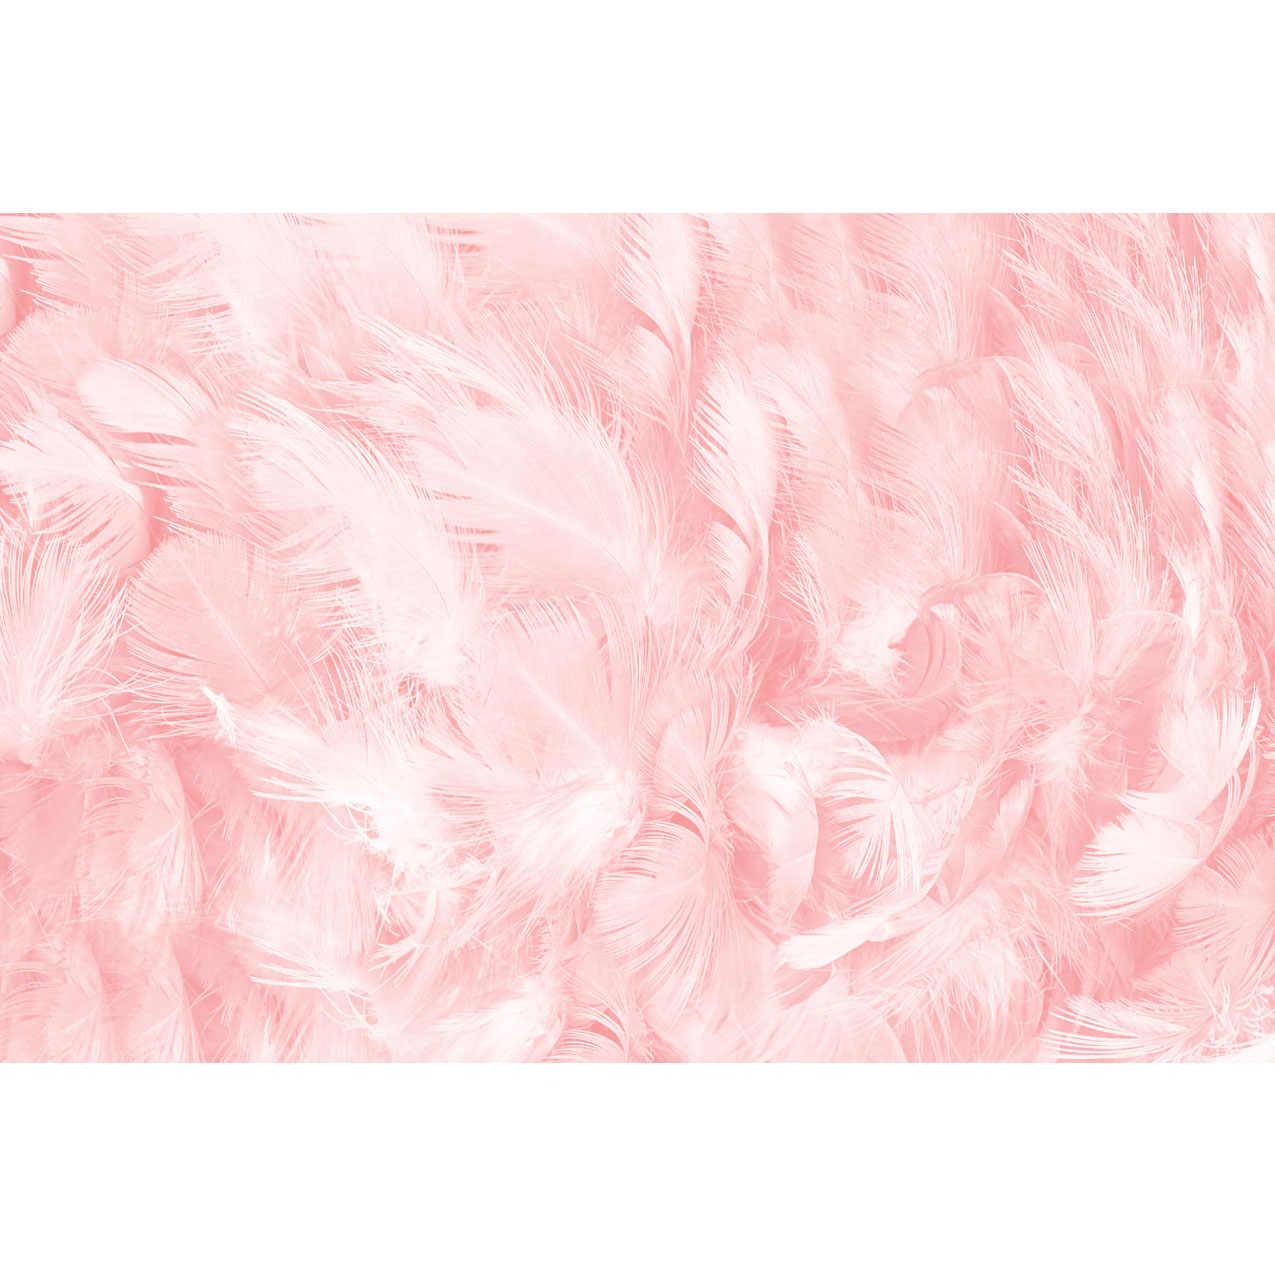 Фоны для фотосъемки на день рождения, студийный фон с розовым пером, милый сон, детский душ, вечерние украшения, детский фон-баннер, фотосессия